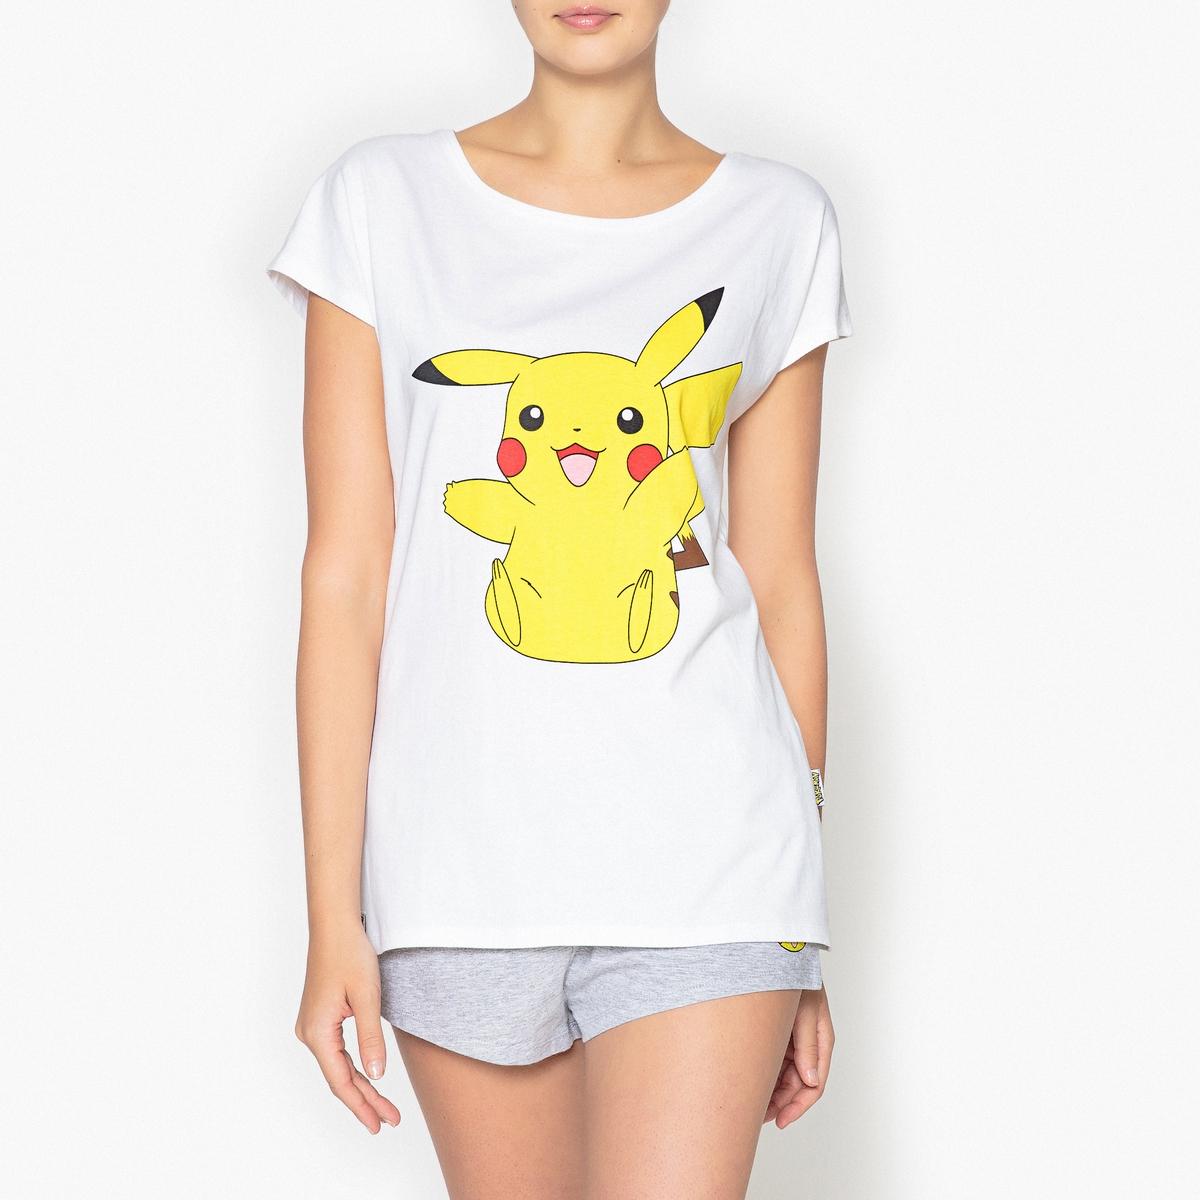 Пижама с принтом, PokemonПижама с веселым Покемоном, который поднимет настроение с утра и повеселит во время вечернего отдыха !Состав и описаниеРаздельная пижама, верх с принтом, круглый вырез, длинные рукава .Шорты с завязками . Рисунок маленький Покемон сбоку . Эластичный пояс.Марка : PokemonМатериал :  93 % хлопка, 7% полиэстера Уход: :Машинная стирка при 30 °С на деликатном режиме с вещами схожих цветов.Стирать и гладить при низкой температуре с изнаночной стороны.Машинная сушка запрещена.<br><br>Цвет: серый<br>Размер: XL.M